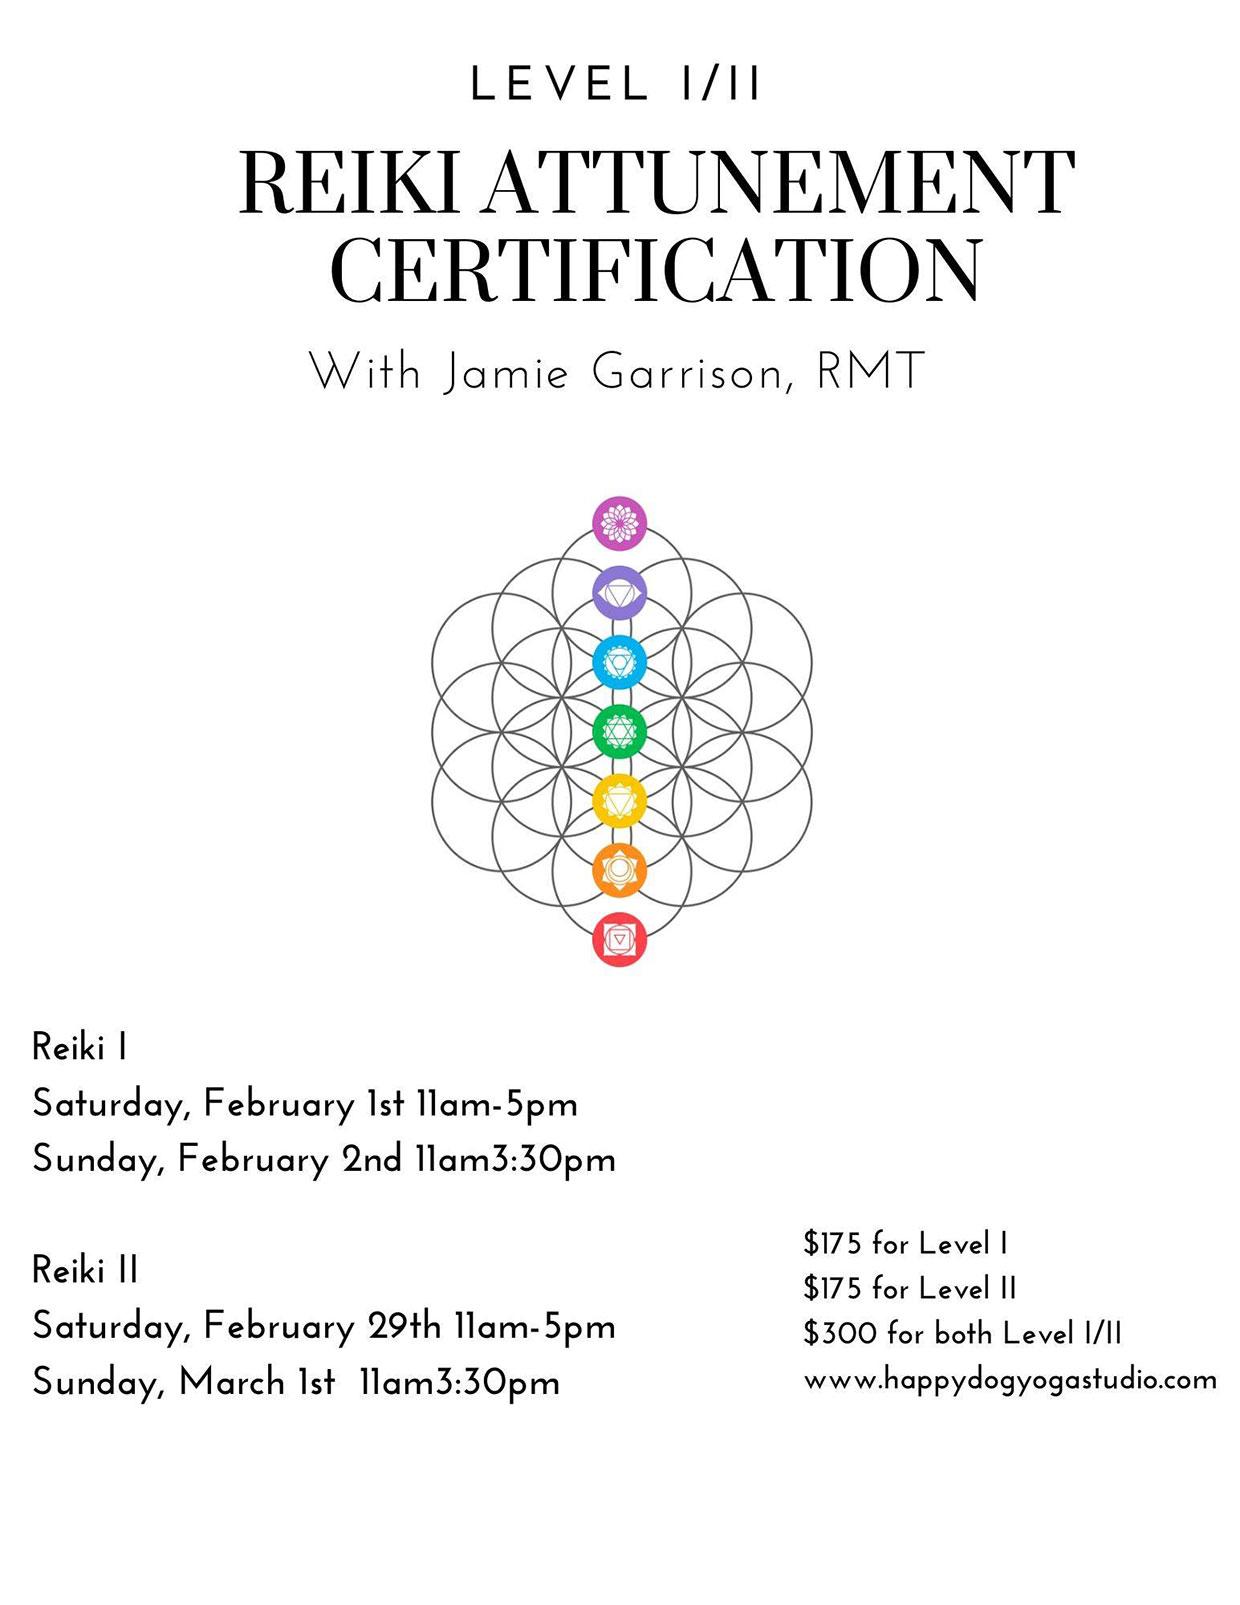 Level I/II Reiki Attunement Certification